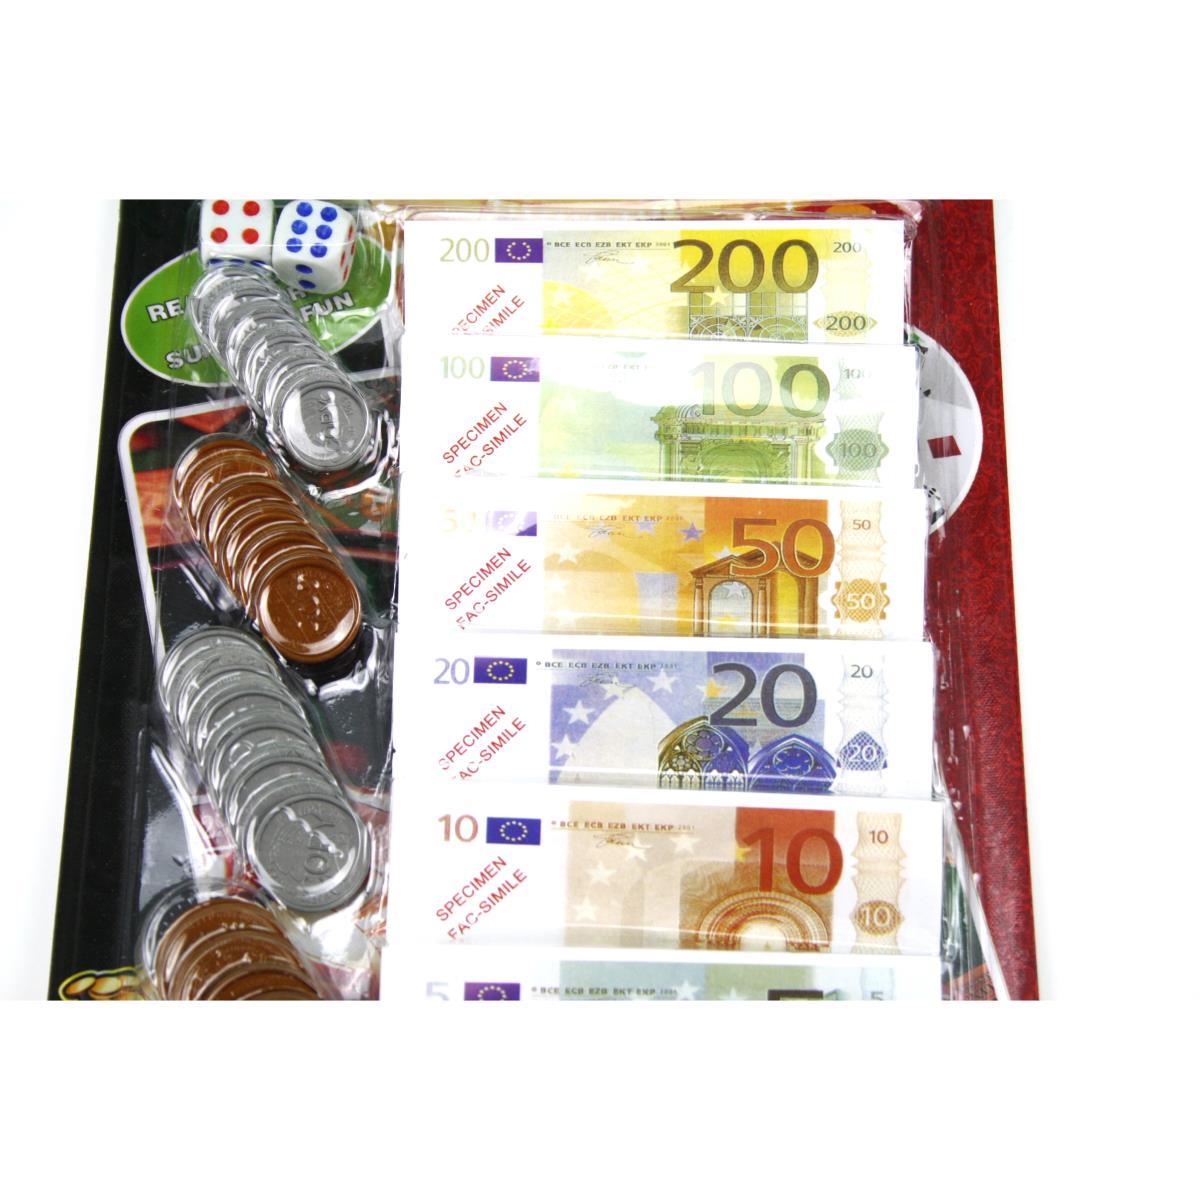 Spielgeld Euro Casinogeld Geld Münzen Geldscheine Kaufladengeld Cash Money Kohle,Casino Table,000051183081, 8800511830811